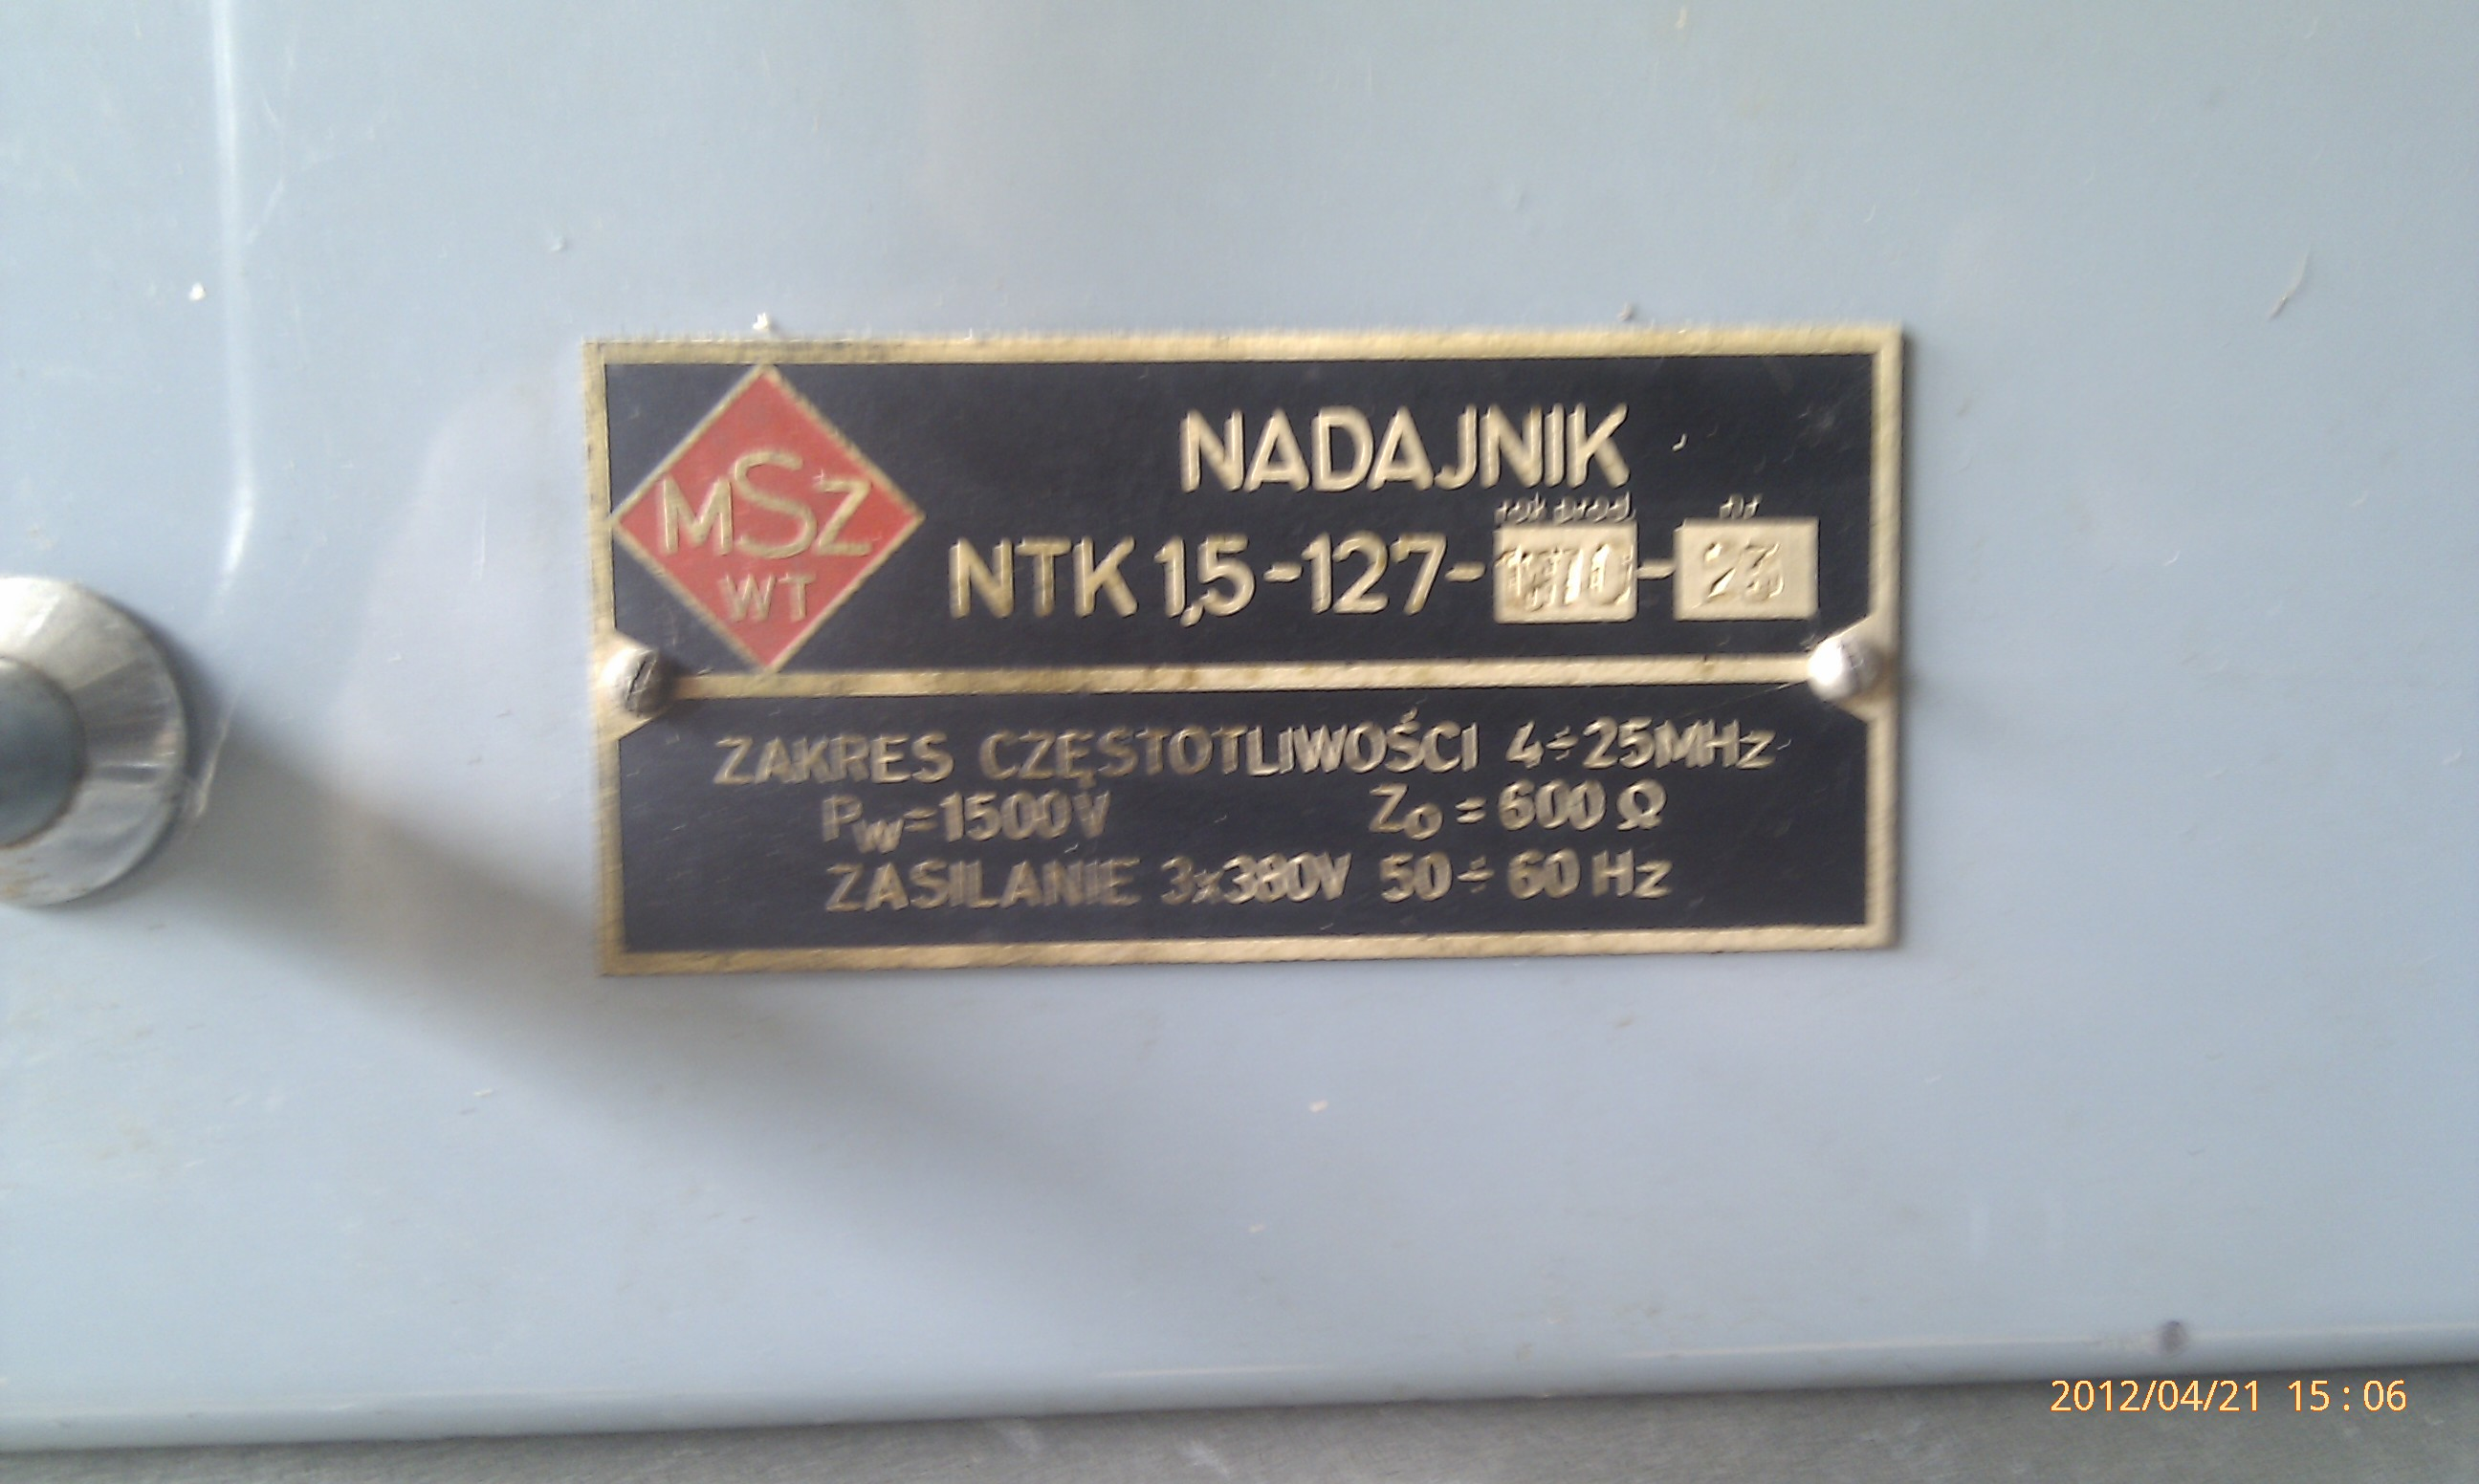 Nadajnik Wojskowy MSZ WT - NTK 1,5-127